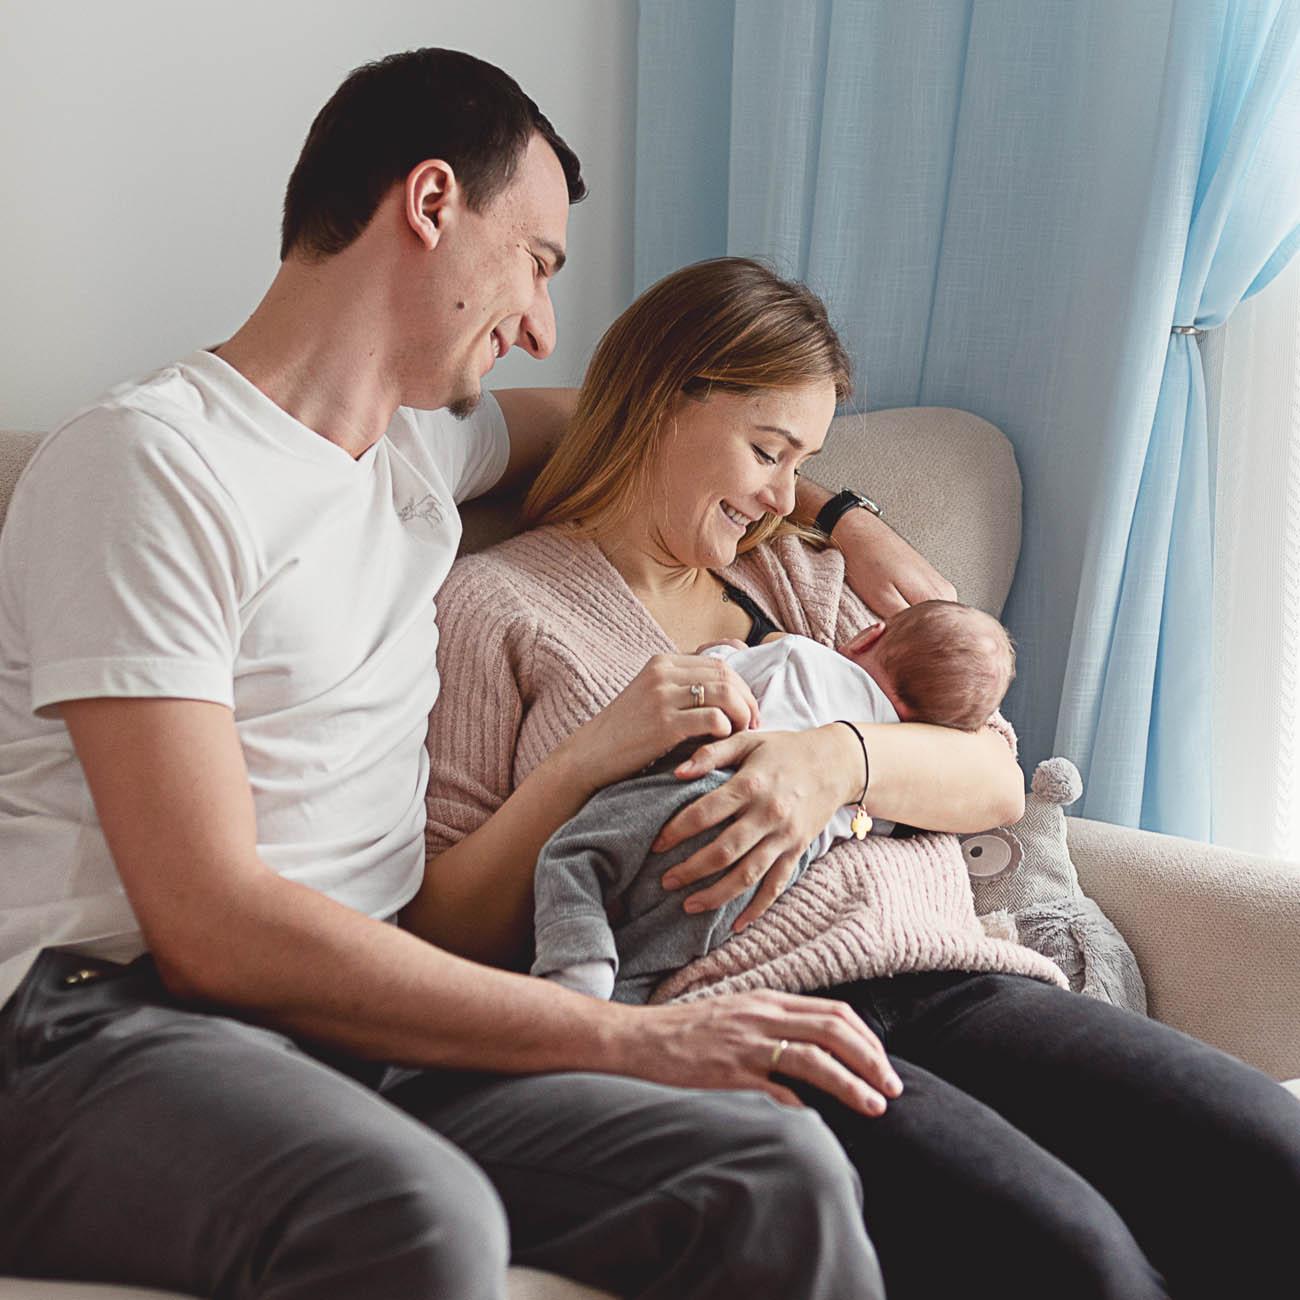 młodzi rodzice razem wtuleni podczas karmienia piersią